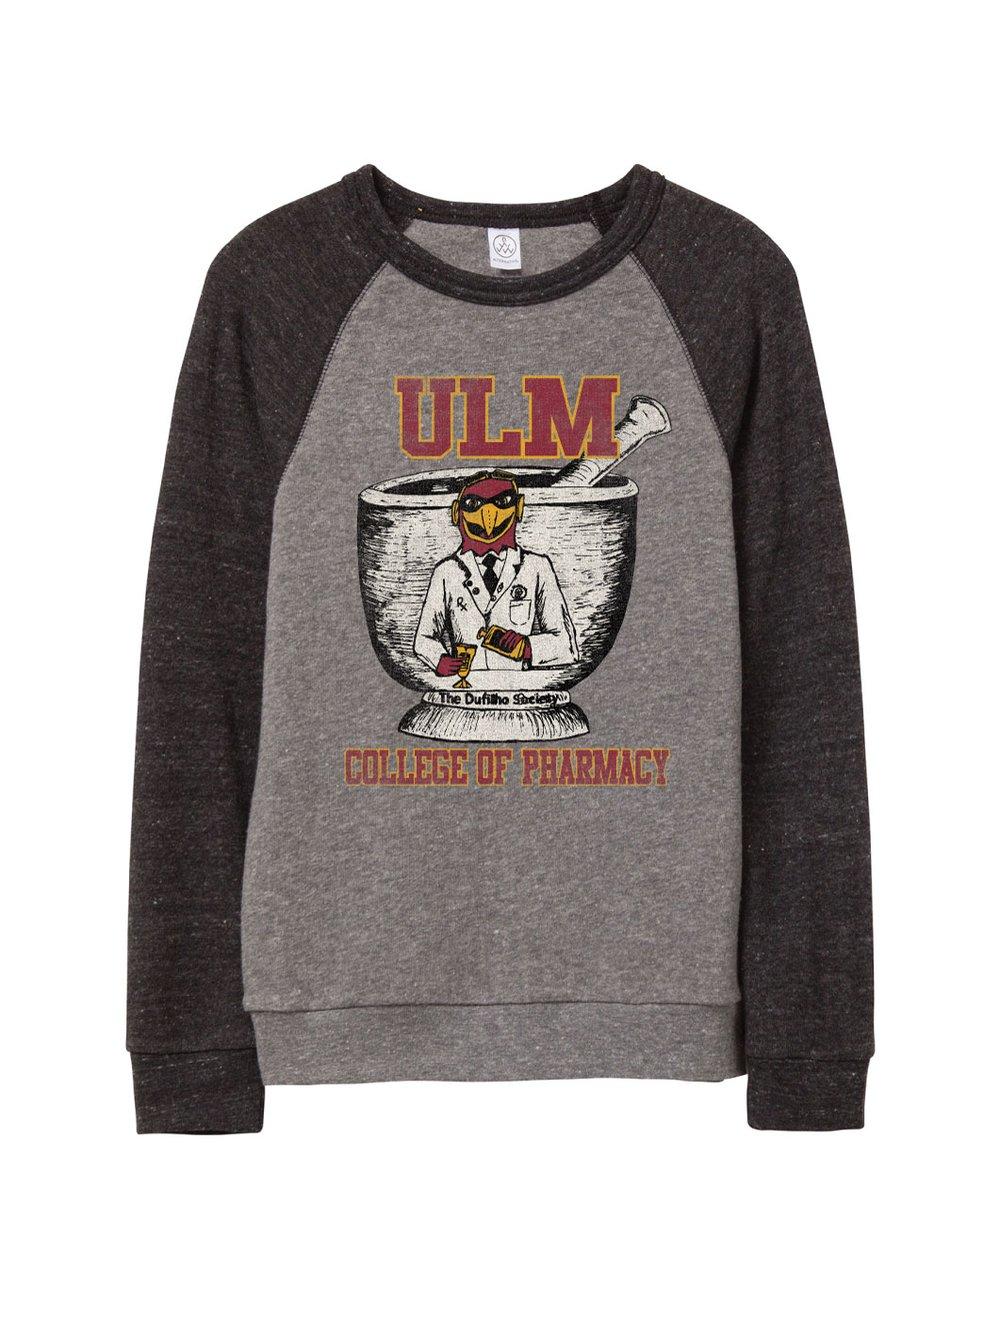 Image of ULM College of Pharmacy Sweatshirt- Pre order